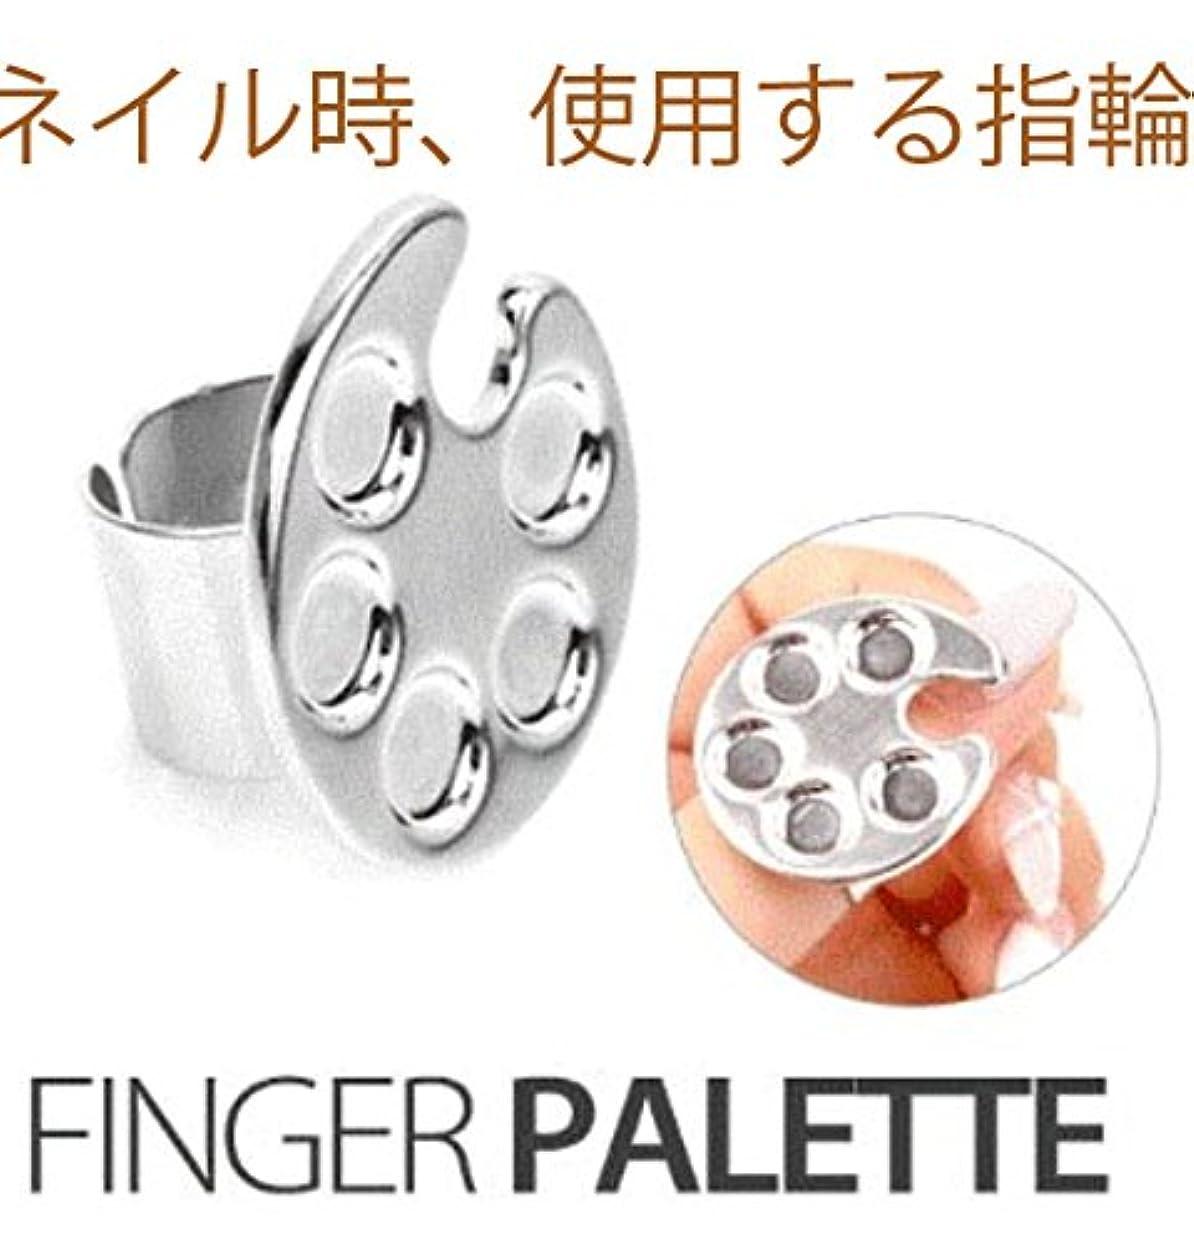 イディオム信頼器具ネイルアートが楽になる、、ネイル時、使用する可愛いパレット指輪、clover、